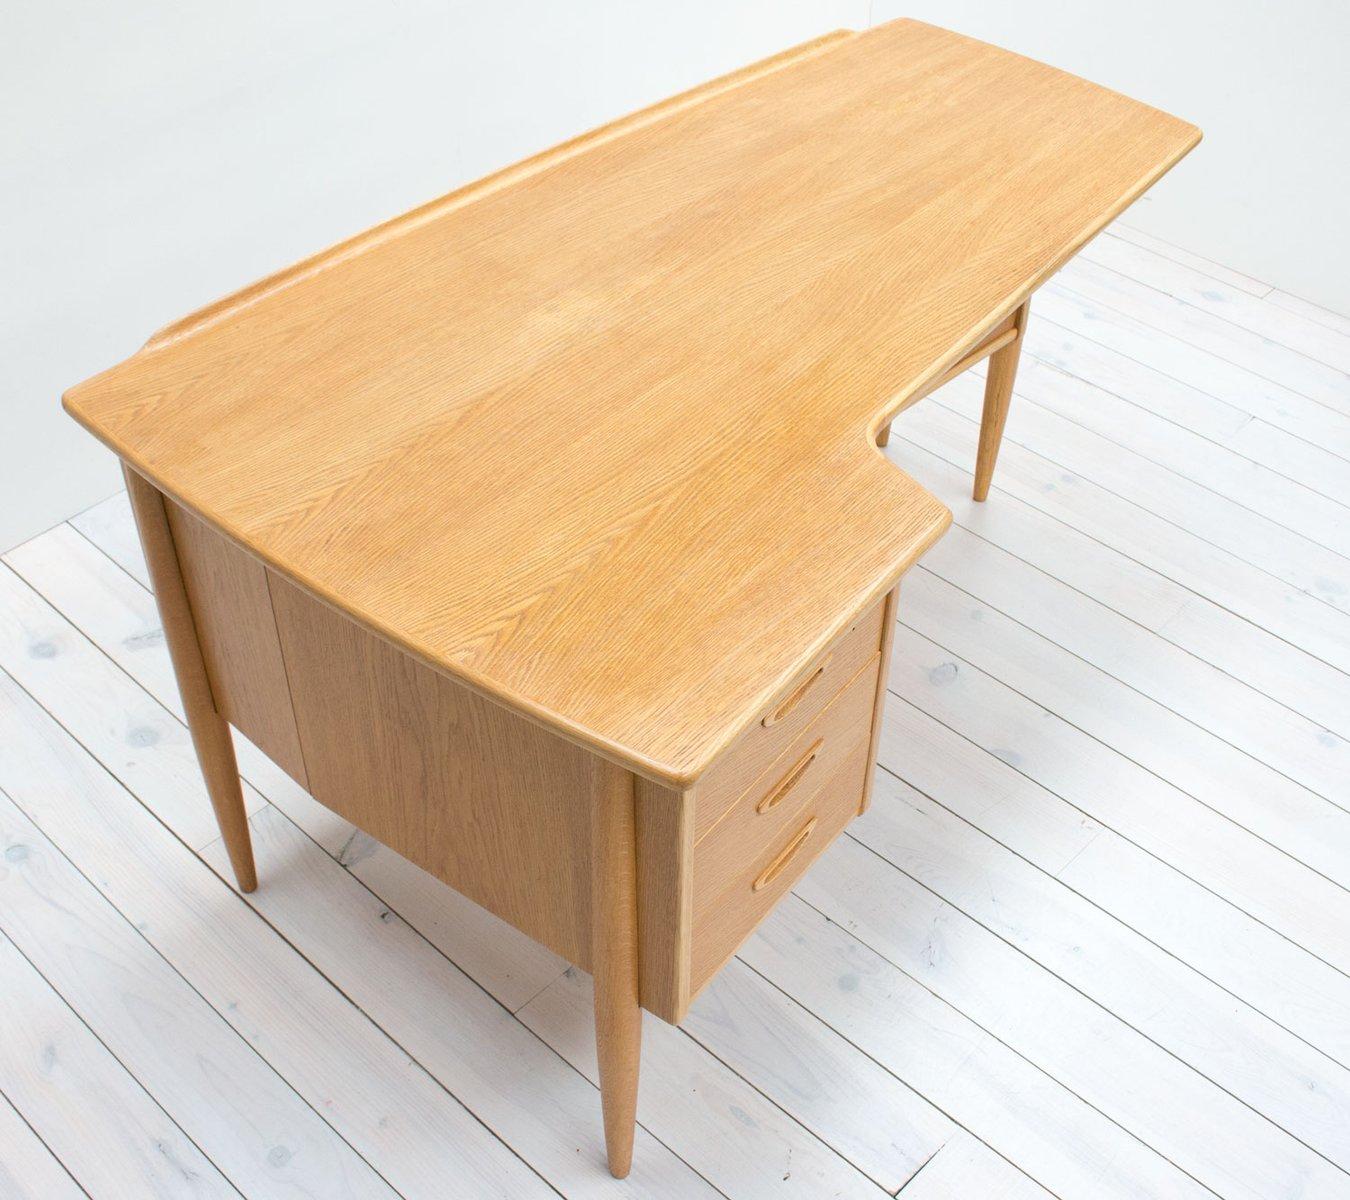 schwedischer eichenholz boomerang schreibtisch von goran. Black Bedroom Furniture Sets. Home Design Ideas